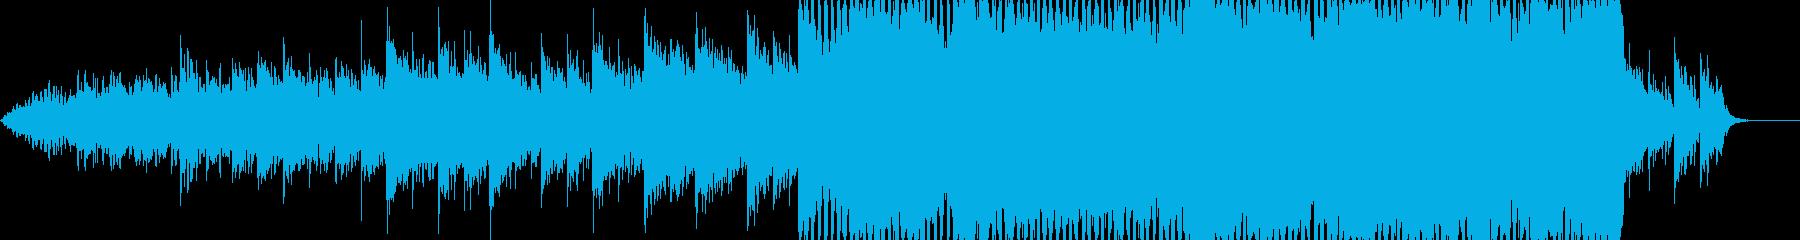 後半に一気に盛り上がるCMなどに最適な曲の再生済みの波形